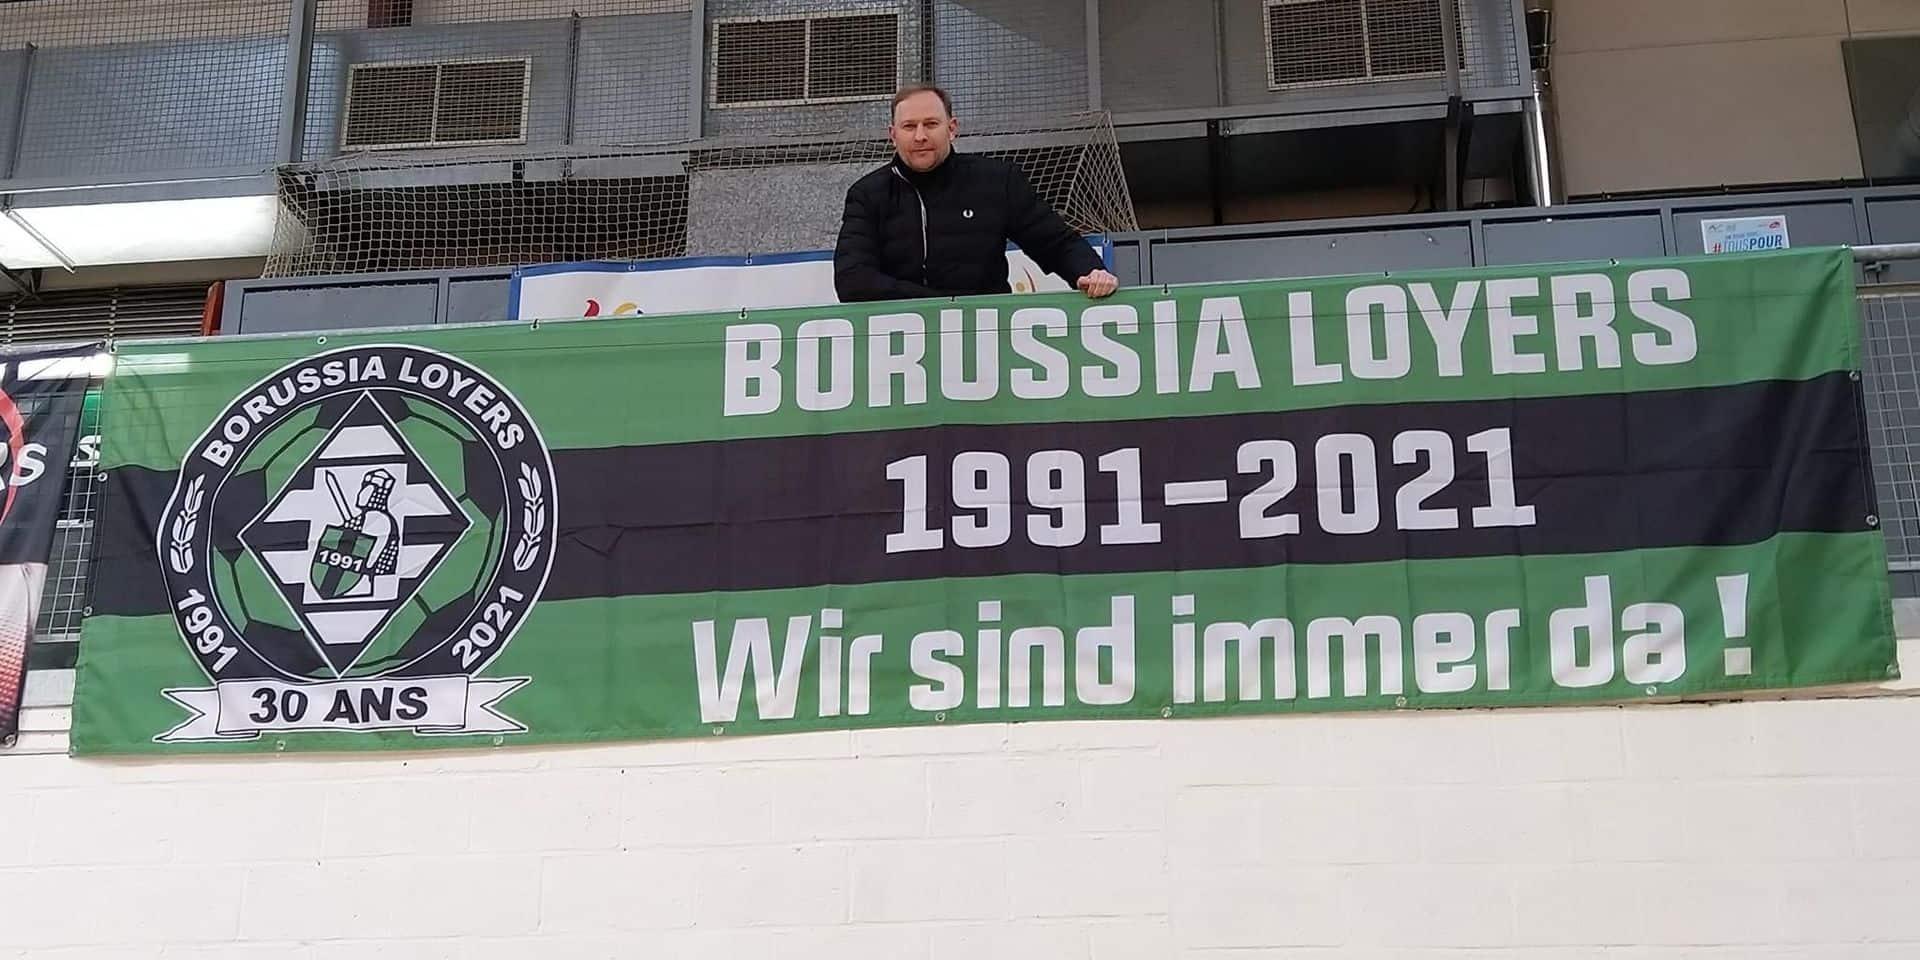 30 ans d'existence pour le Borussia Loyers